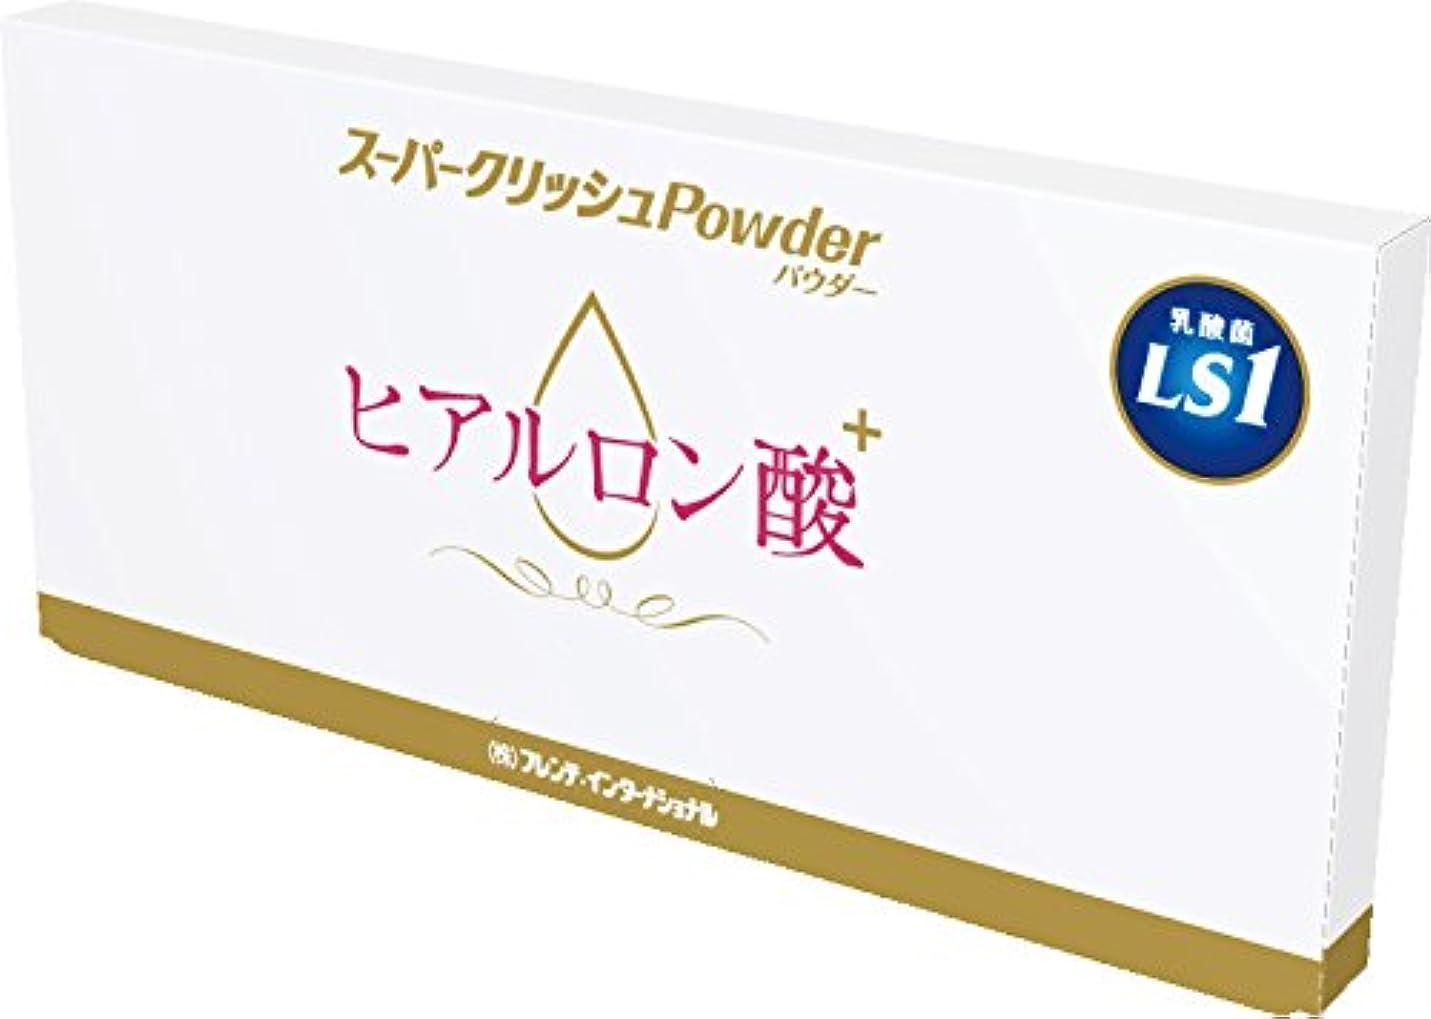 スーパークリッシュ 【お口の乳酸菌+ヒアルロン酸】 Powder